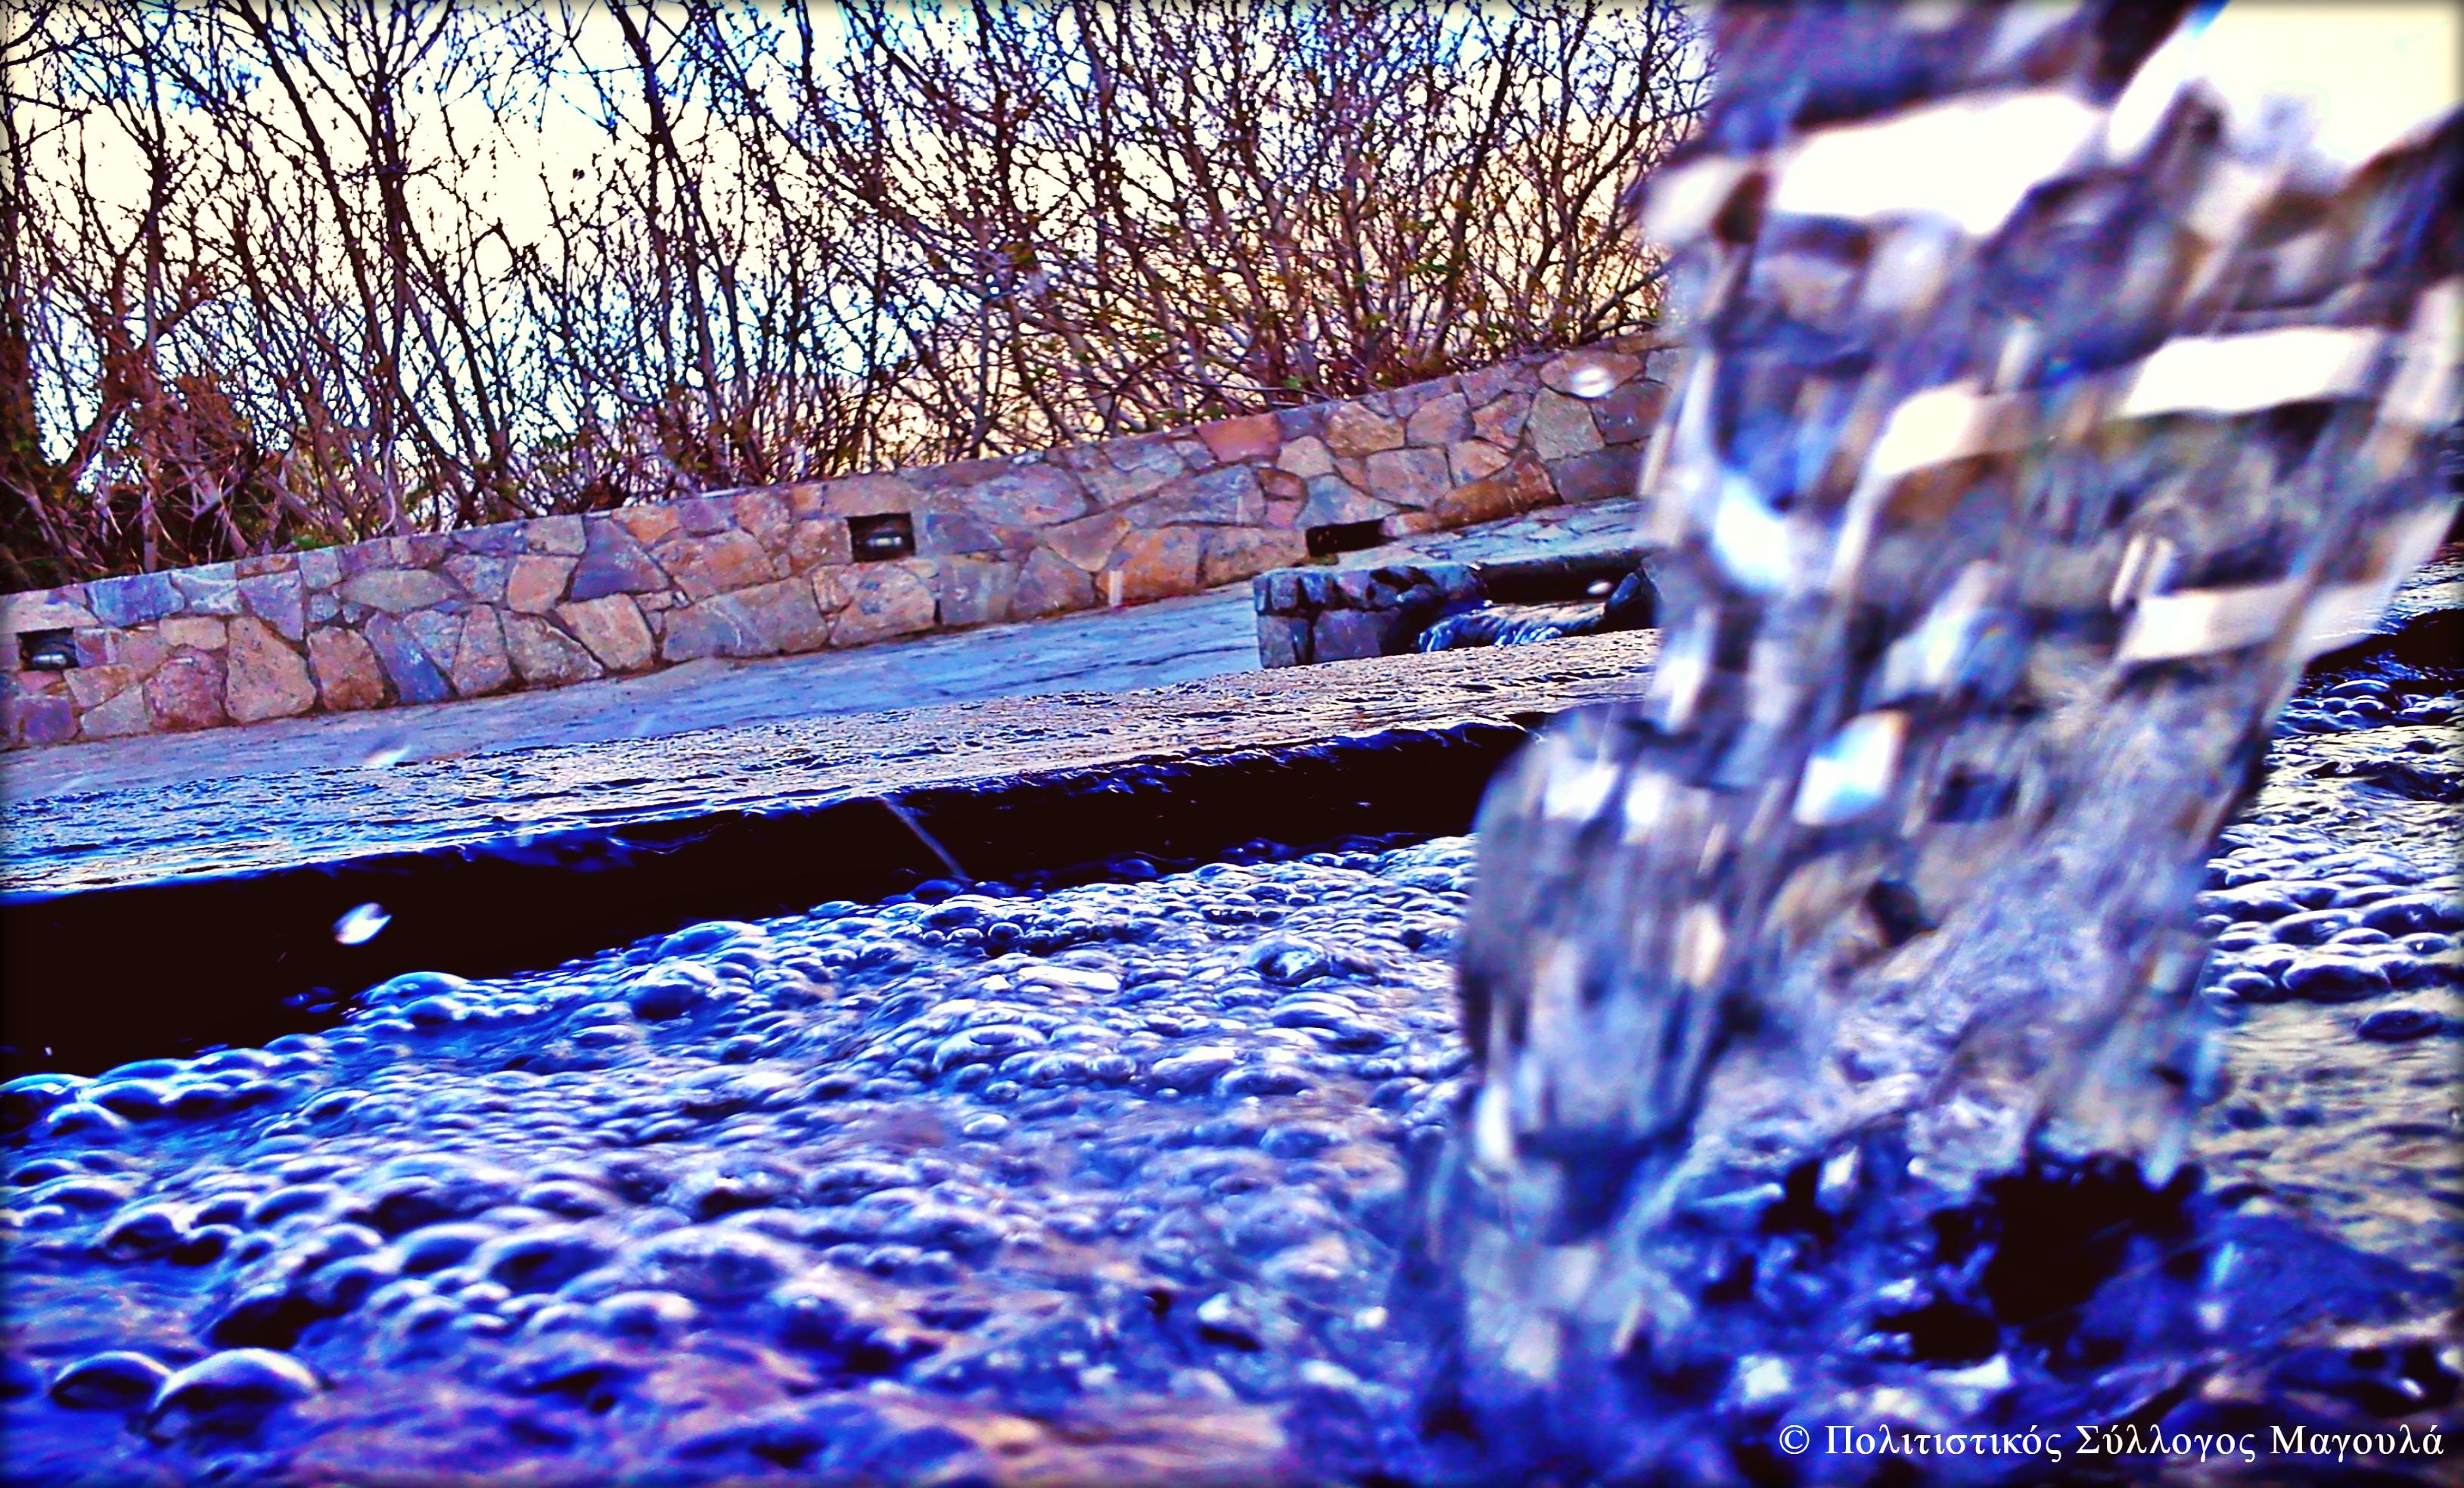 Νερό της Μεγάλης βρύσης- Water from the Great Fountain of Magoula